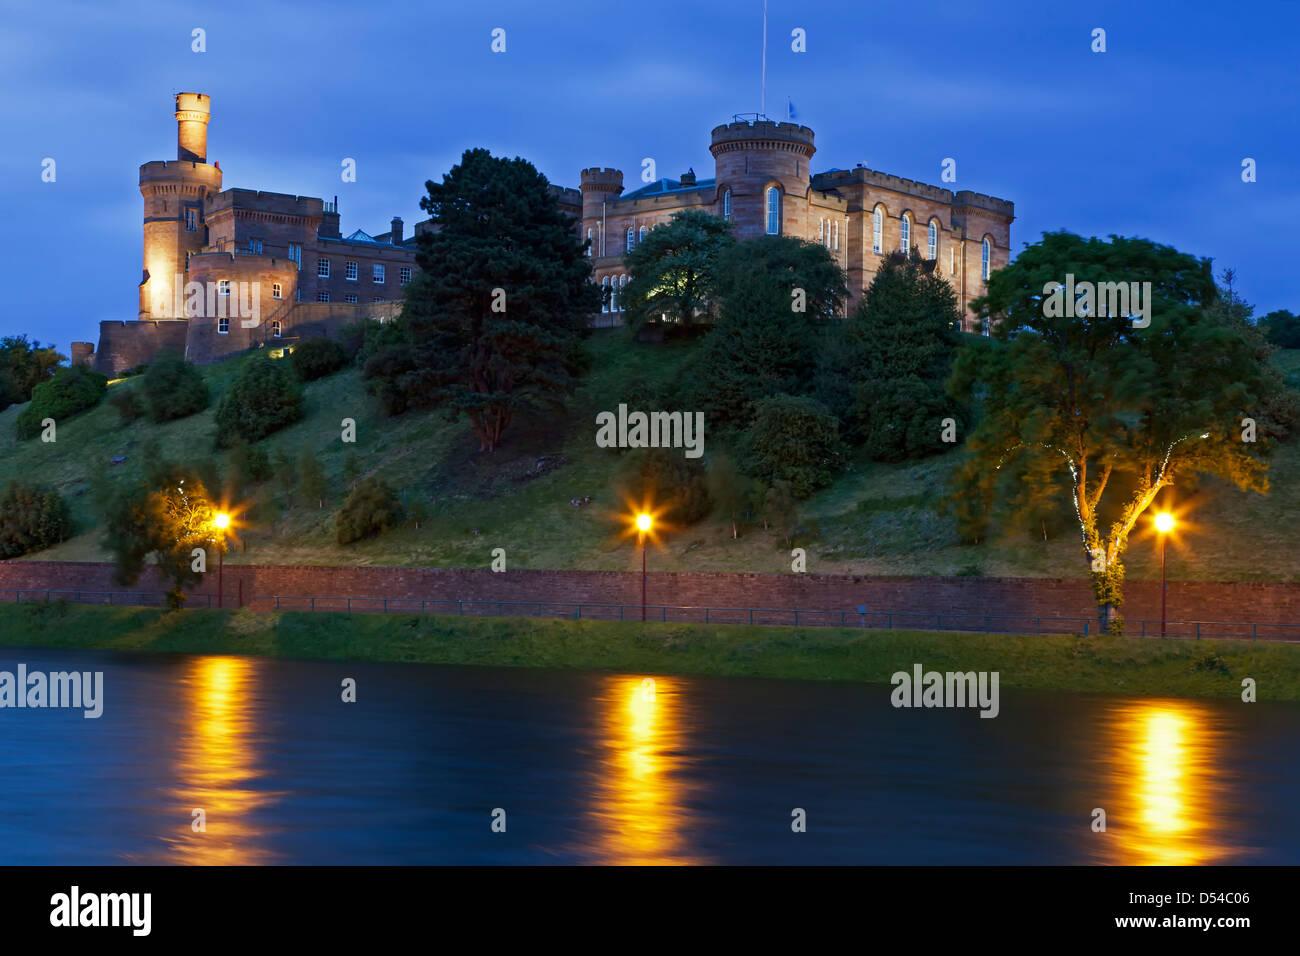 Le Château d'Inverness (palais de justice) et de la rivière Ness, Inverness, Écosse, Royaume Photo Stock